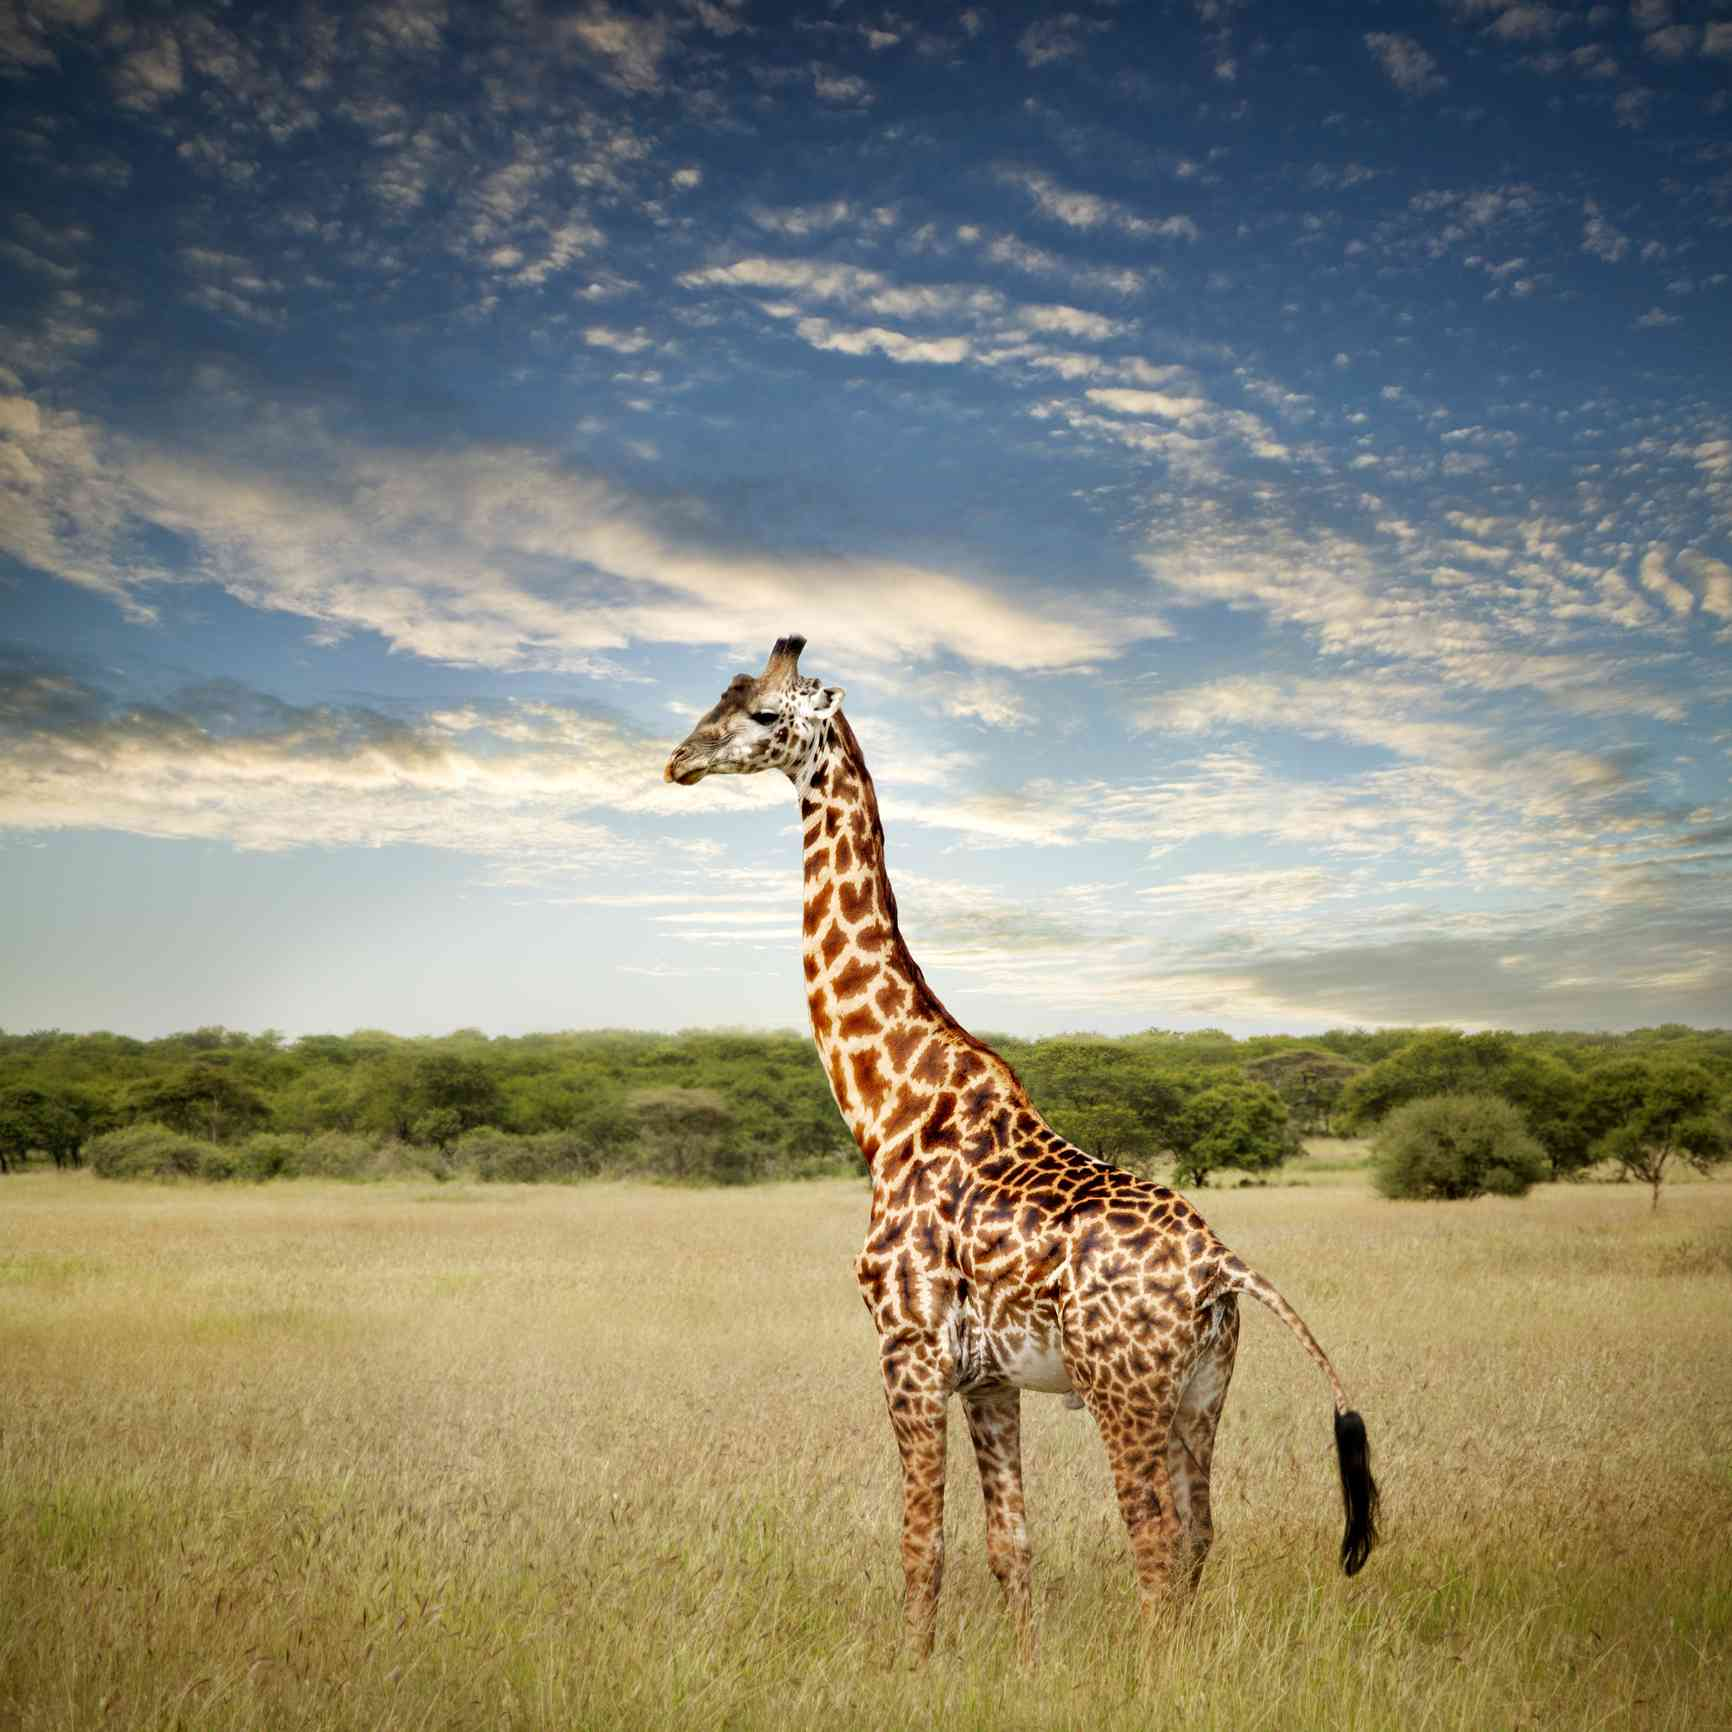 Giraffe on the Serengeti in Tanzania, Africa